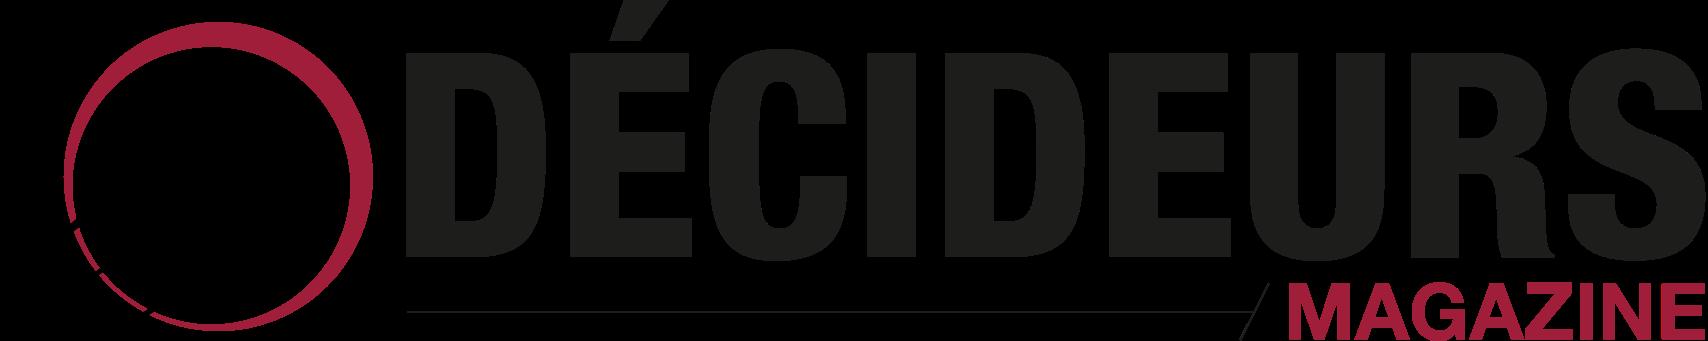 logo-decideur.png